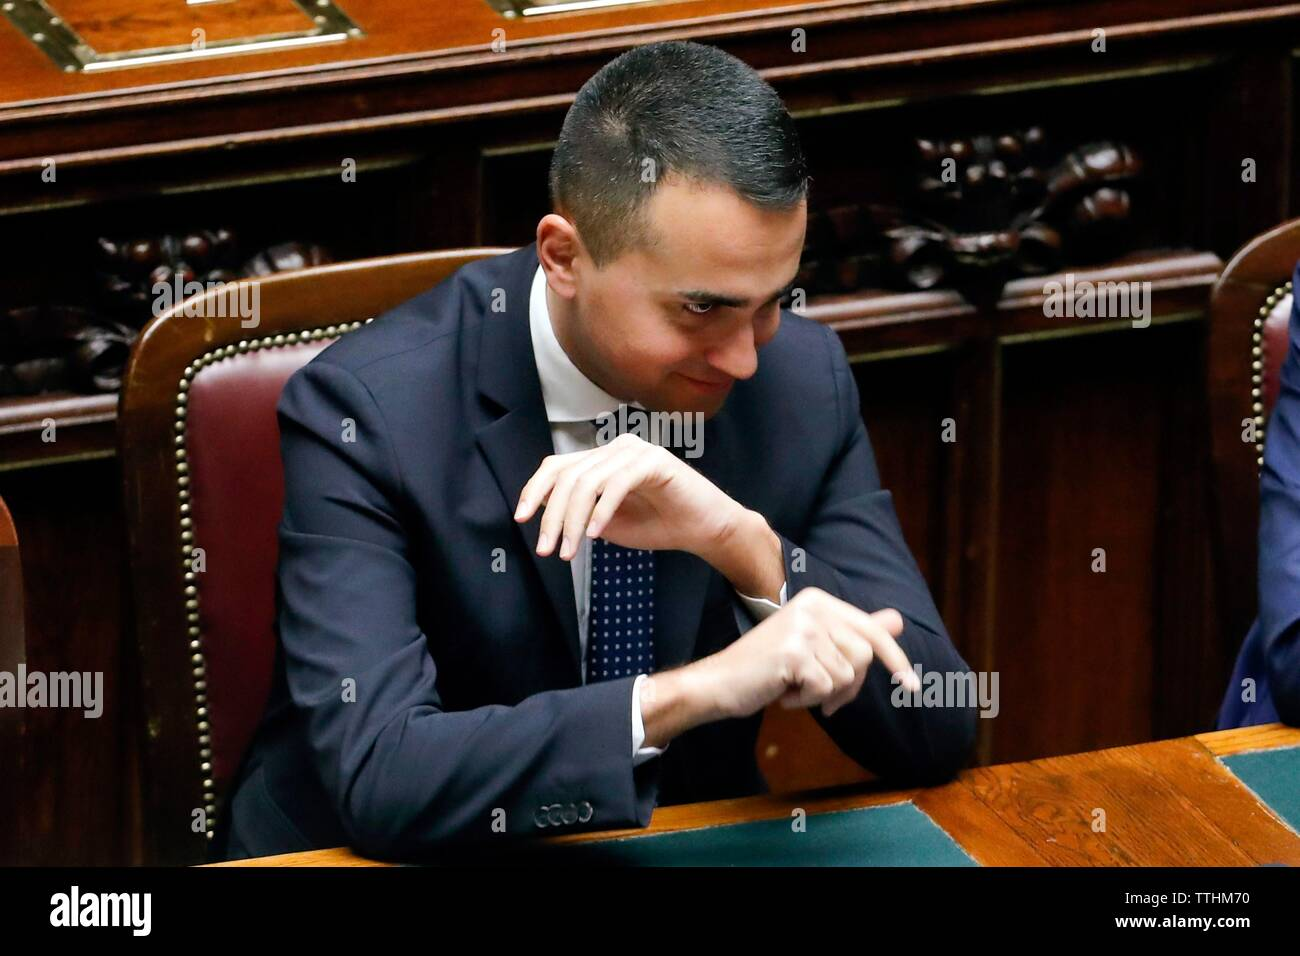 Der Minister für Arbeit, Sozialpolitik, der wirtschaftlichen Entwicklung und der stellvertretende Regierungschef Luigi Di Maio teilnehmen in der Sitzung in der Kammer für die Abstimmung o Stockbild